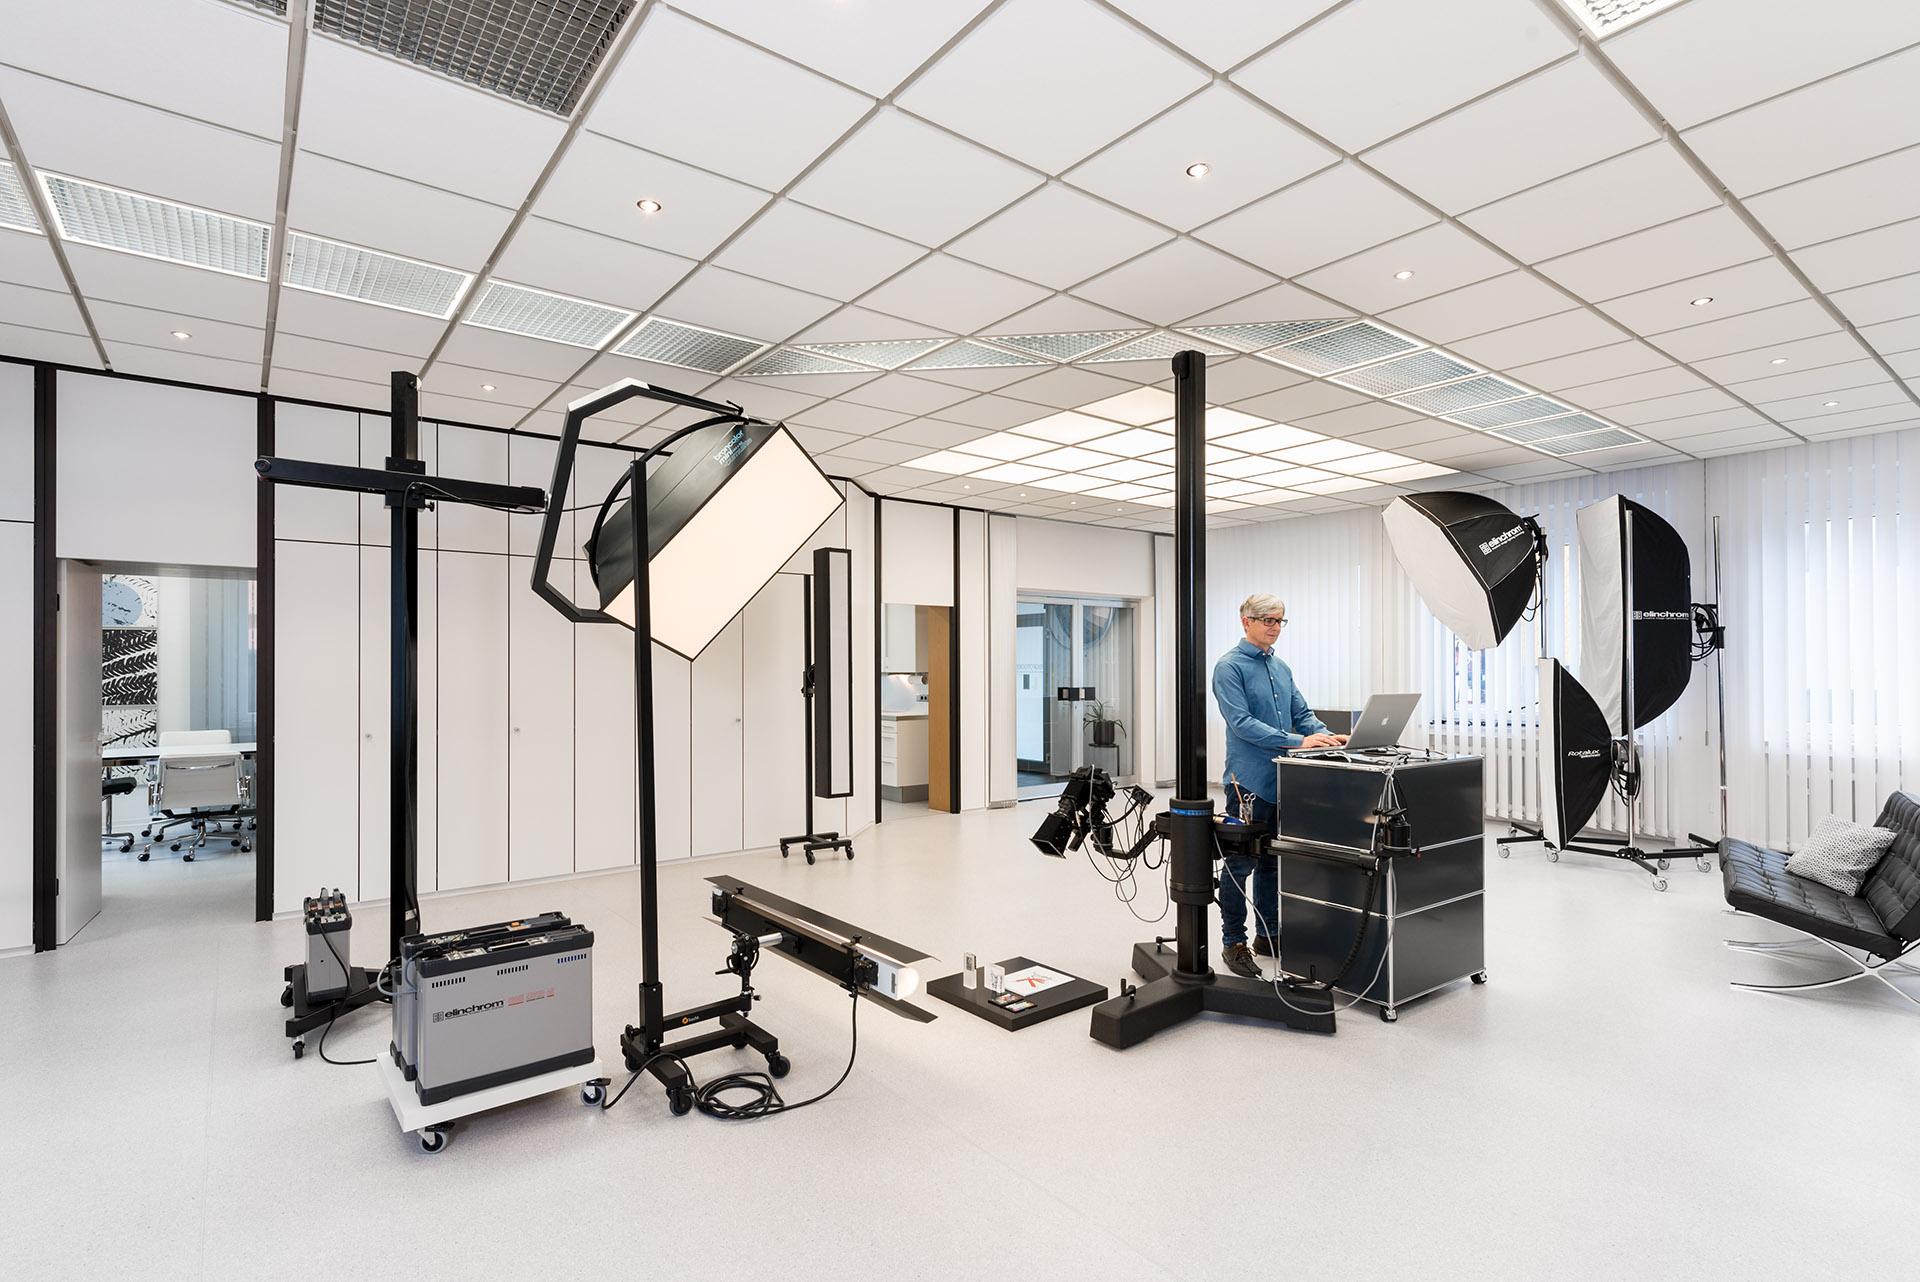 Alexander Feig während der Arbeit im Hauptraum des Studios